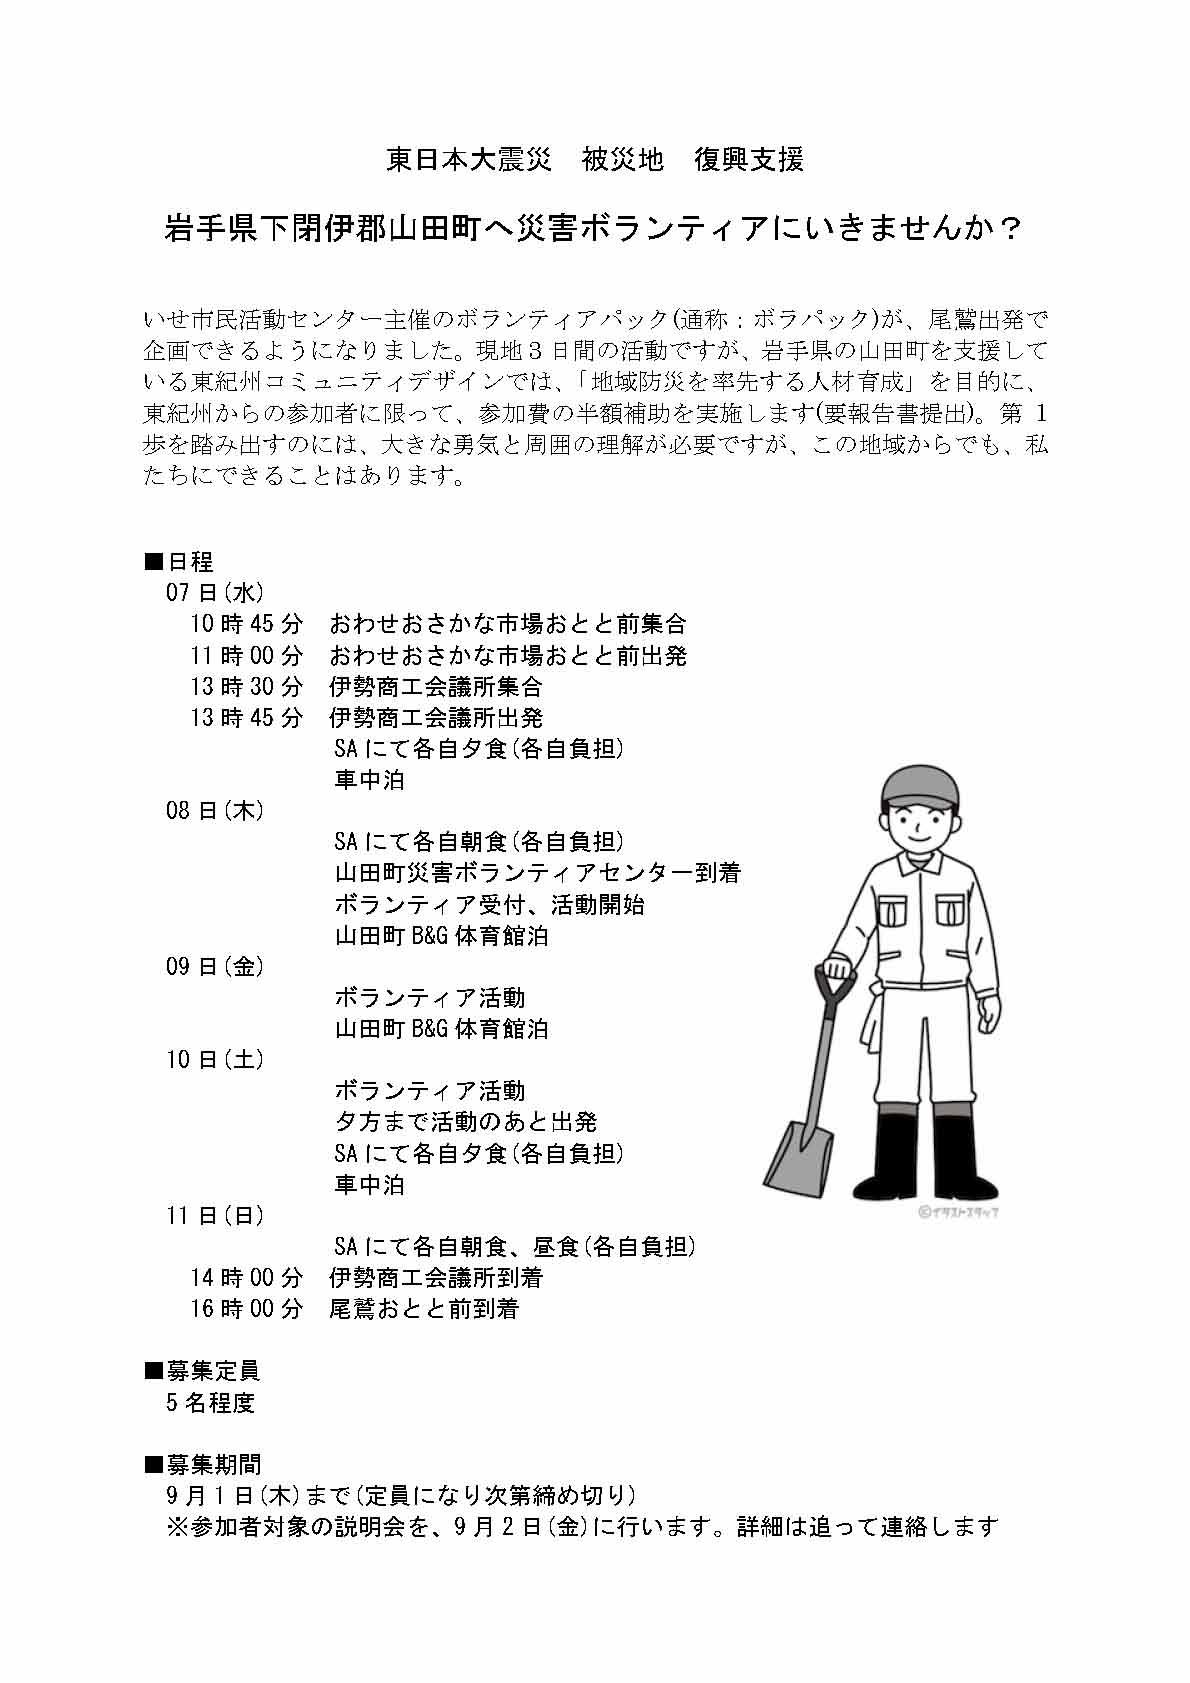 尾鷲出発で、岩手県の山田町へボランティアに行きませんか?_c0010936_12381712.jpg